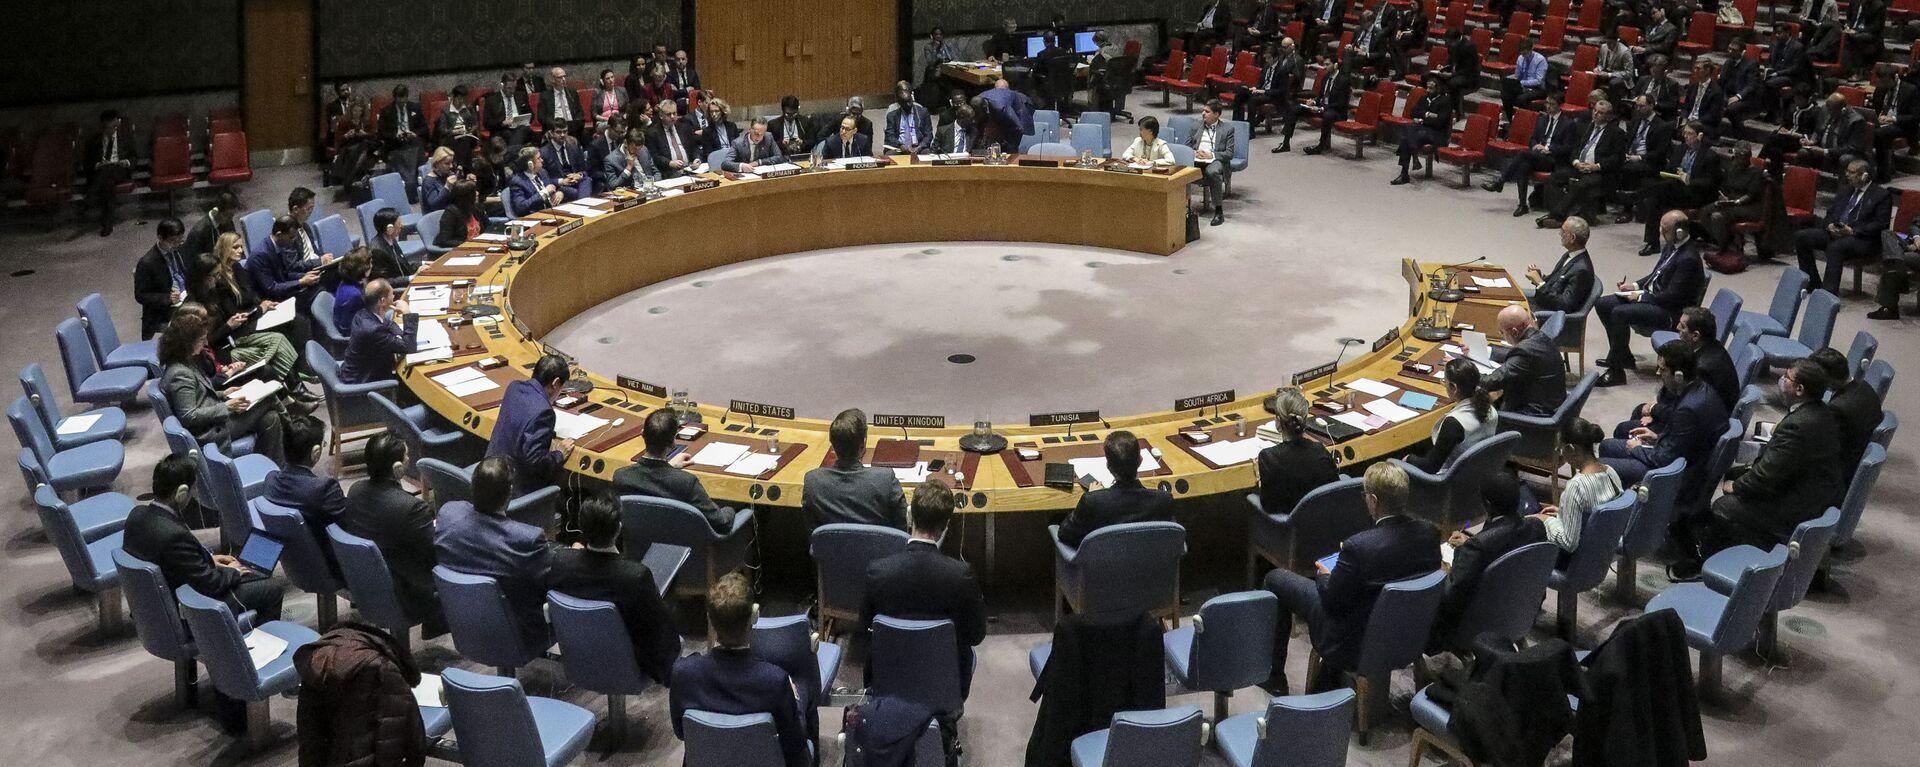 Zasedání Rady bezpečnosti OSN. Ilustrační foto - Sputnik Česká republika, 1920, 16.08.2021